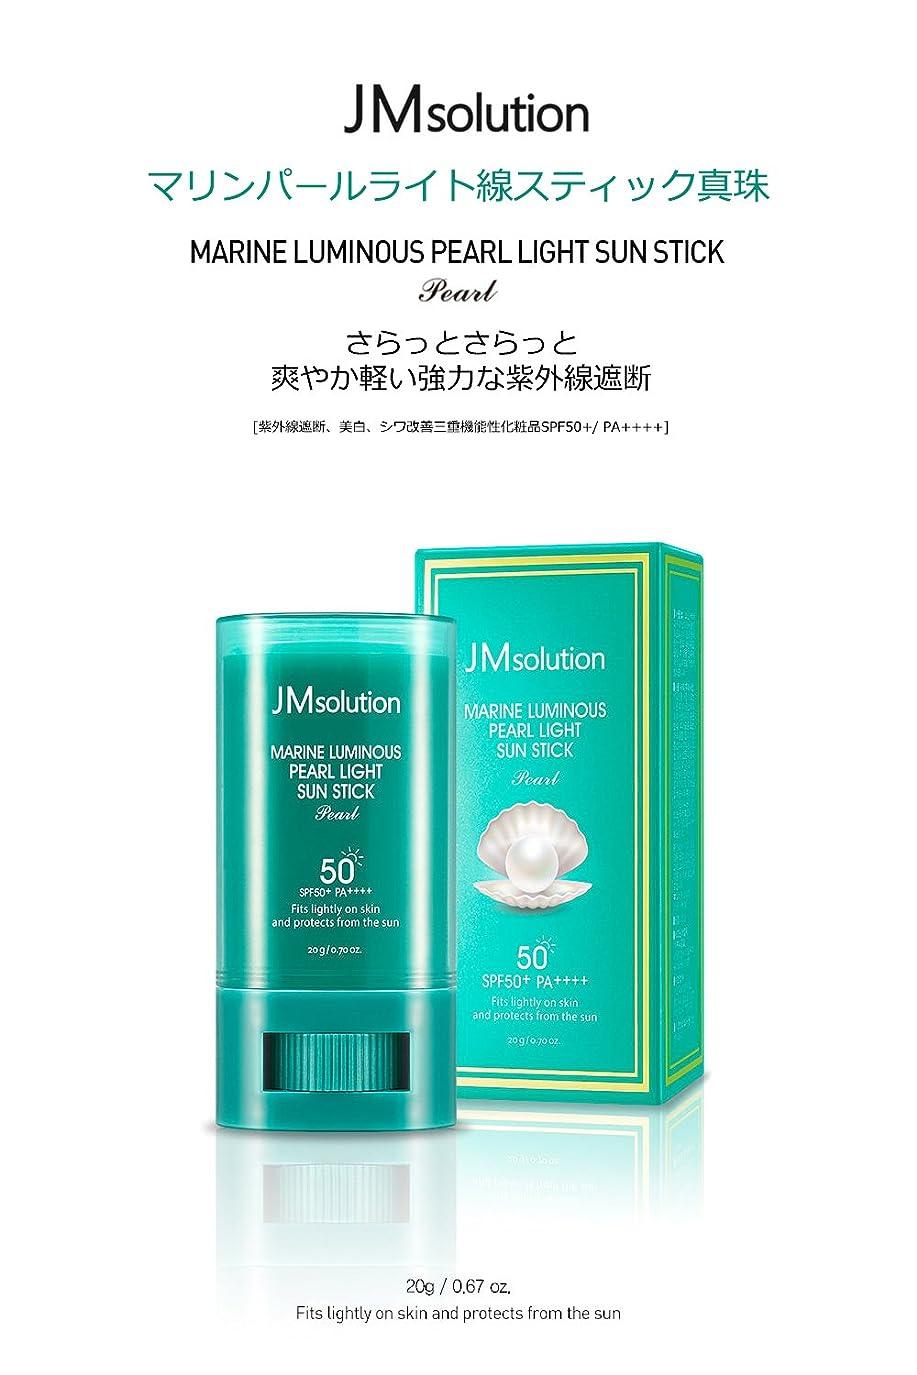 スープオーケストラことわざJM Solution Marine Luminous Pearl Light Sun Stick 20g (spf50 PA)/マリンルミナスパールライトサンスティック20g